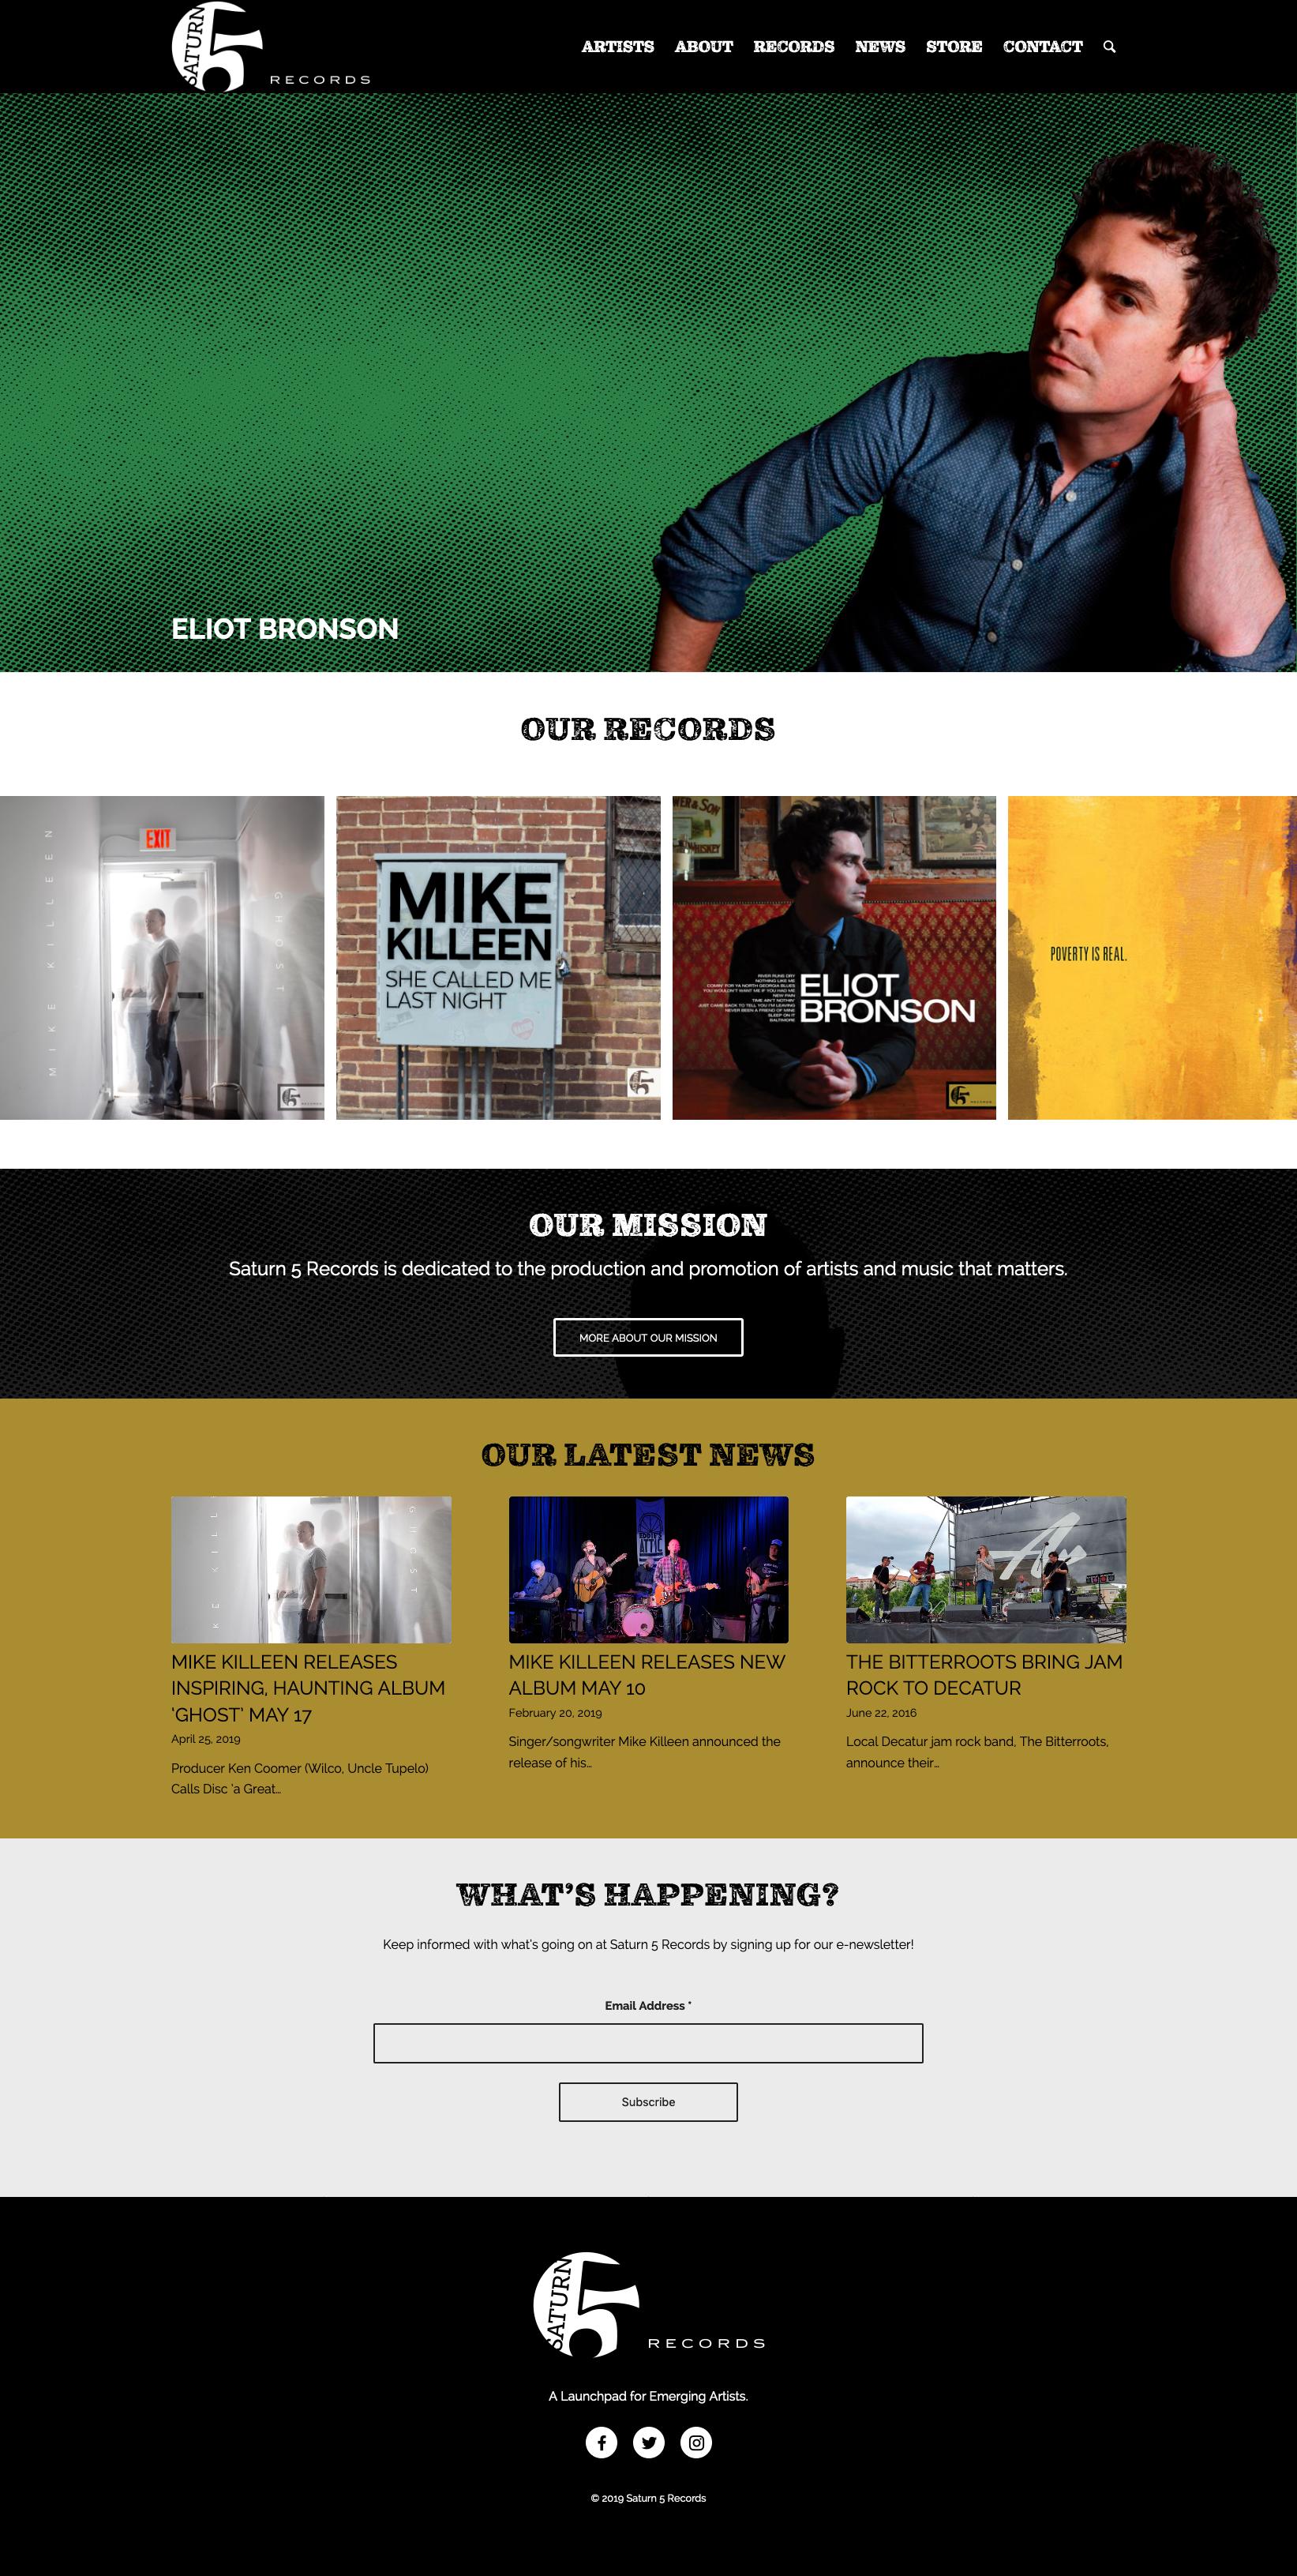 Branding/Design Archives - Lenz Marketing